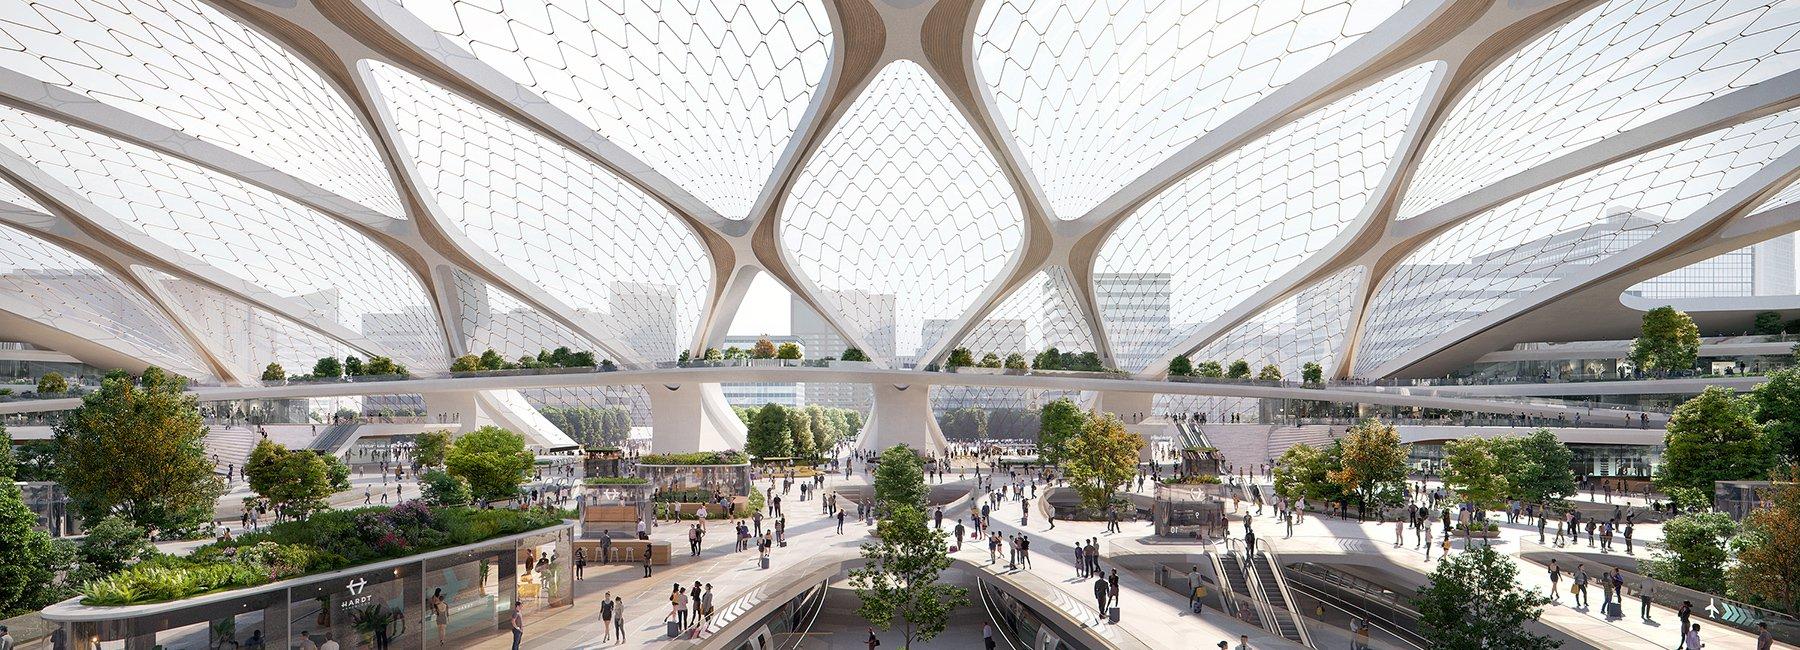 """رونمایی از طرح """"ایستگاههای آینده"""" توسط شرکت معماری UNStudio"""